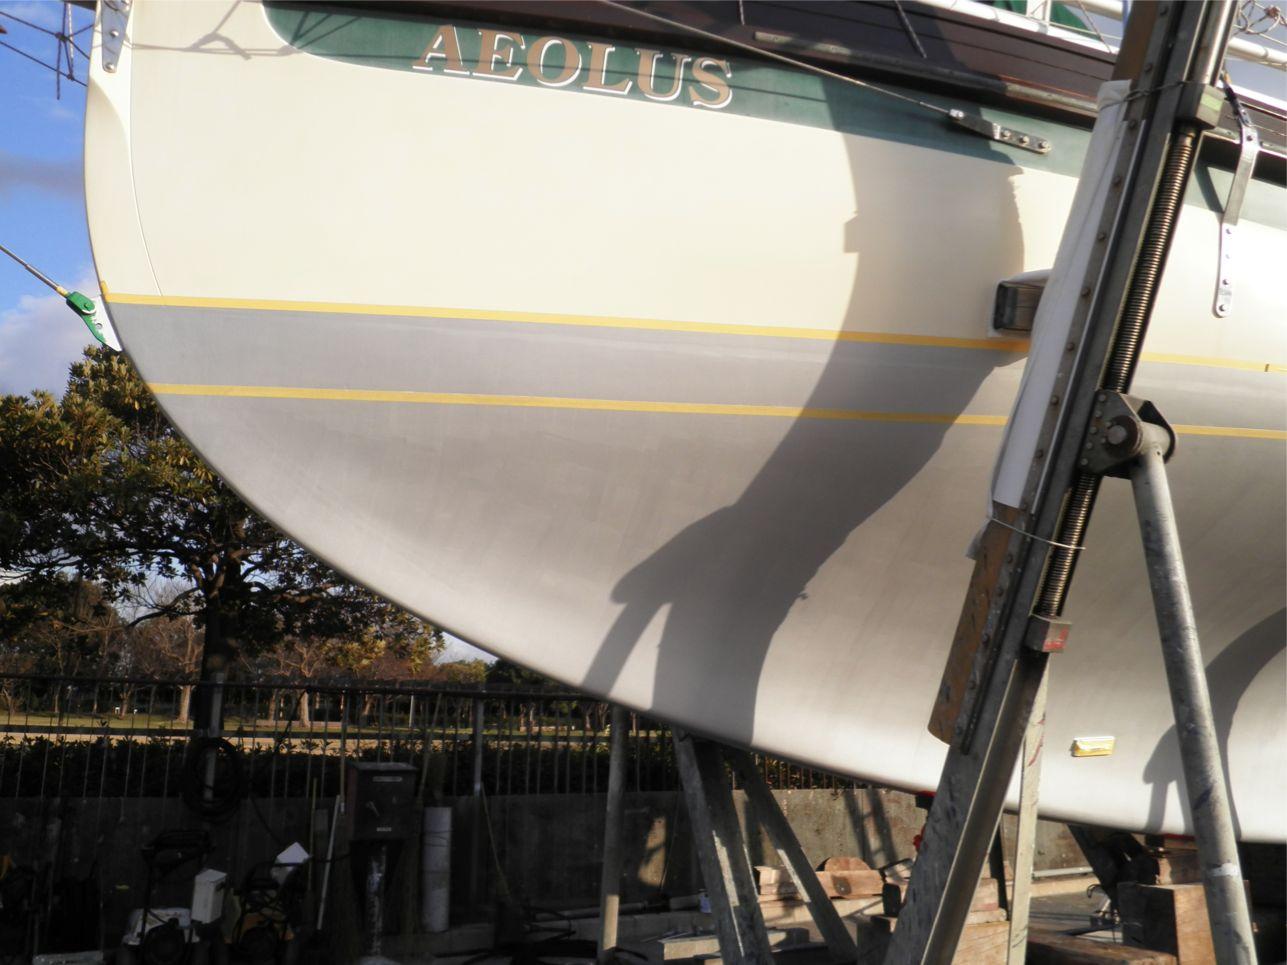 船底整備のすべて⑪ ハル プライマー015塗装後_a0051924_22225354.jpg